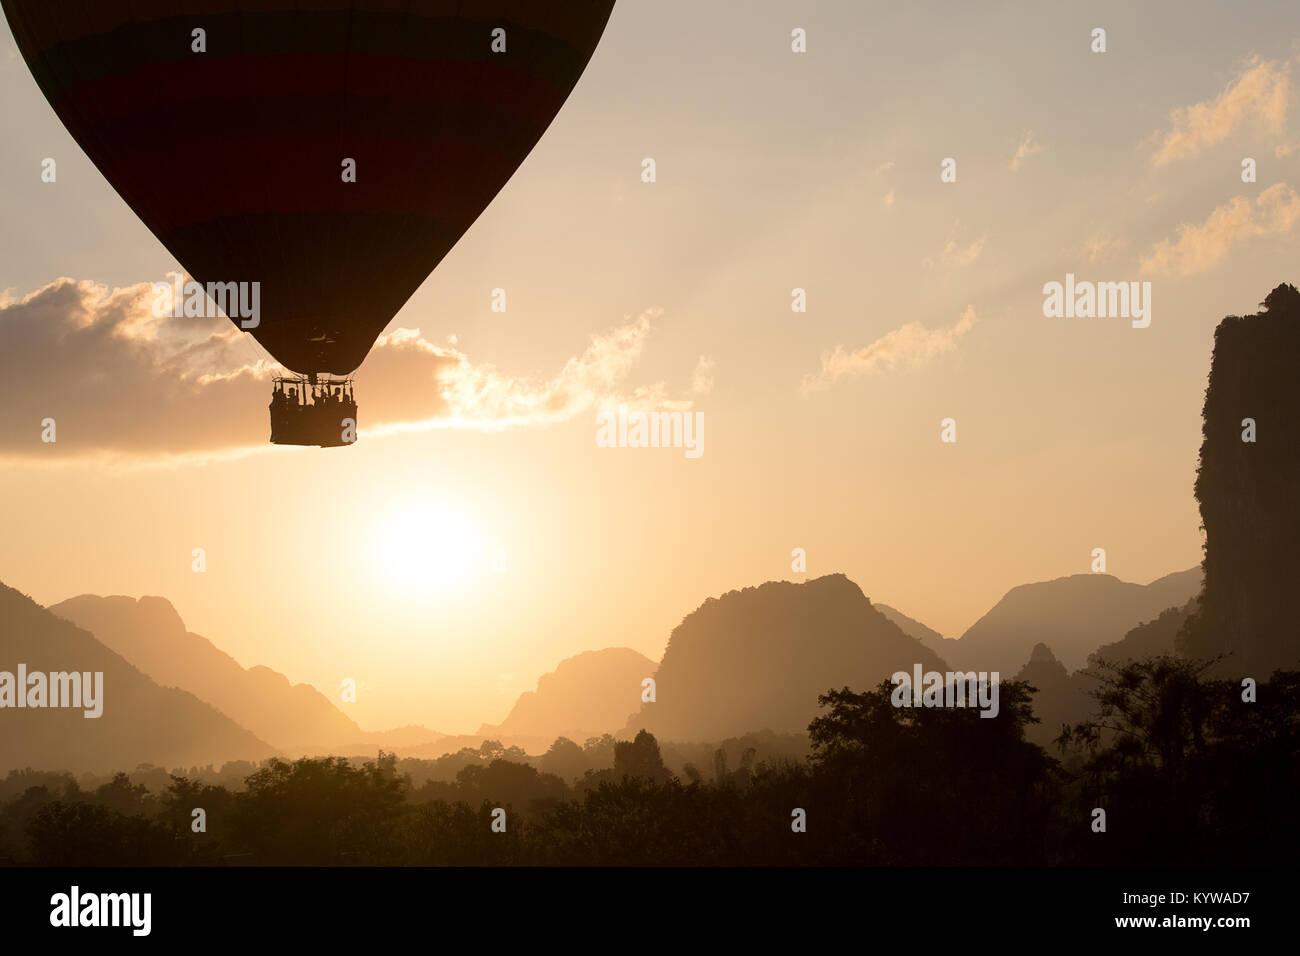 Balloon Ride for sunset between wonderfull karst mountains in Vang Vieng, Laos - Stock Image